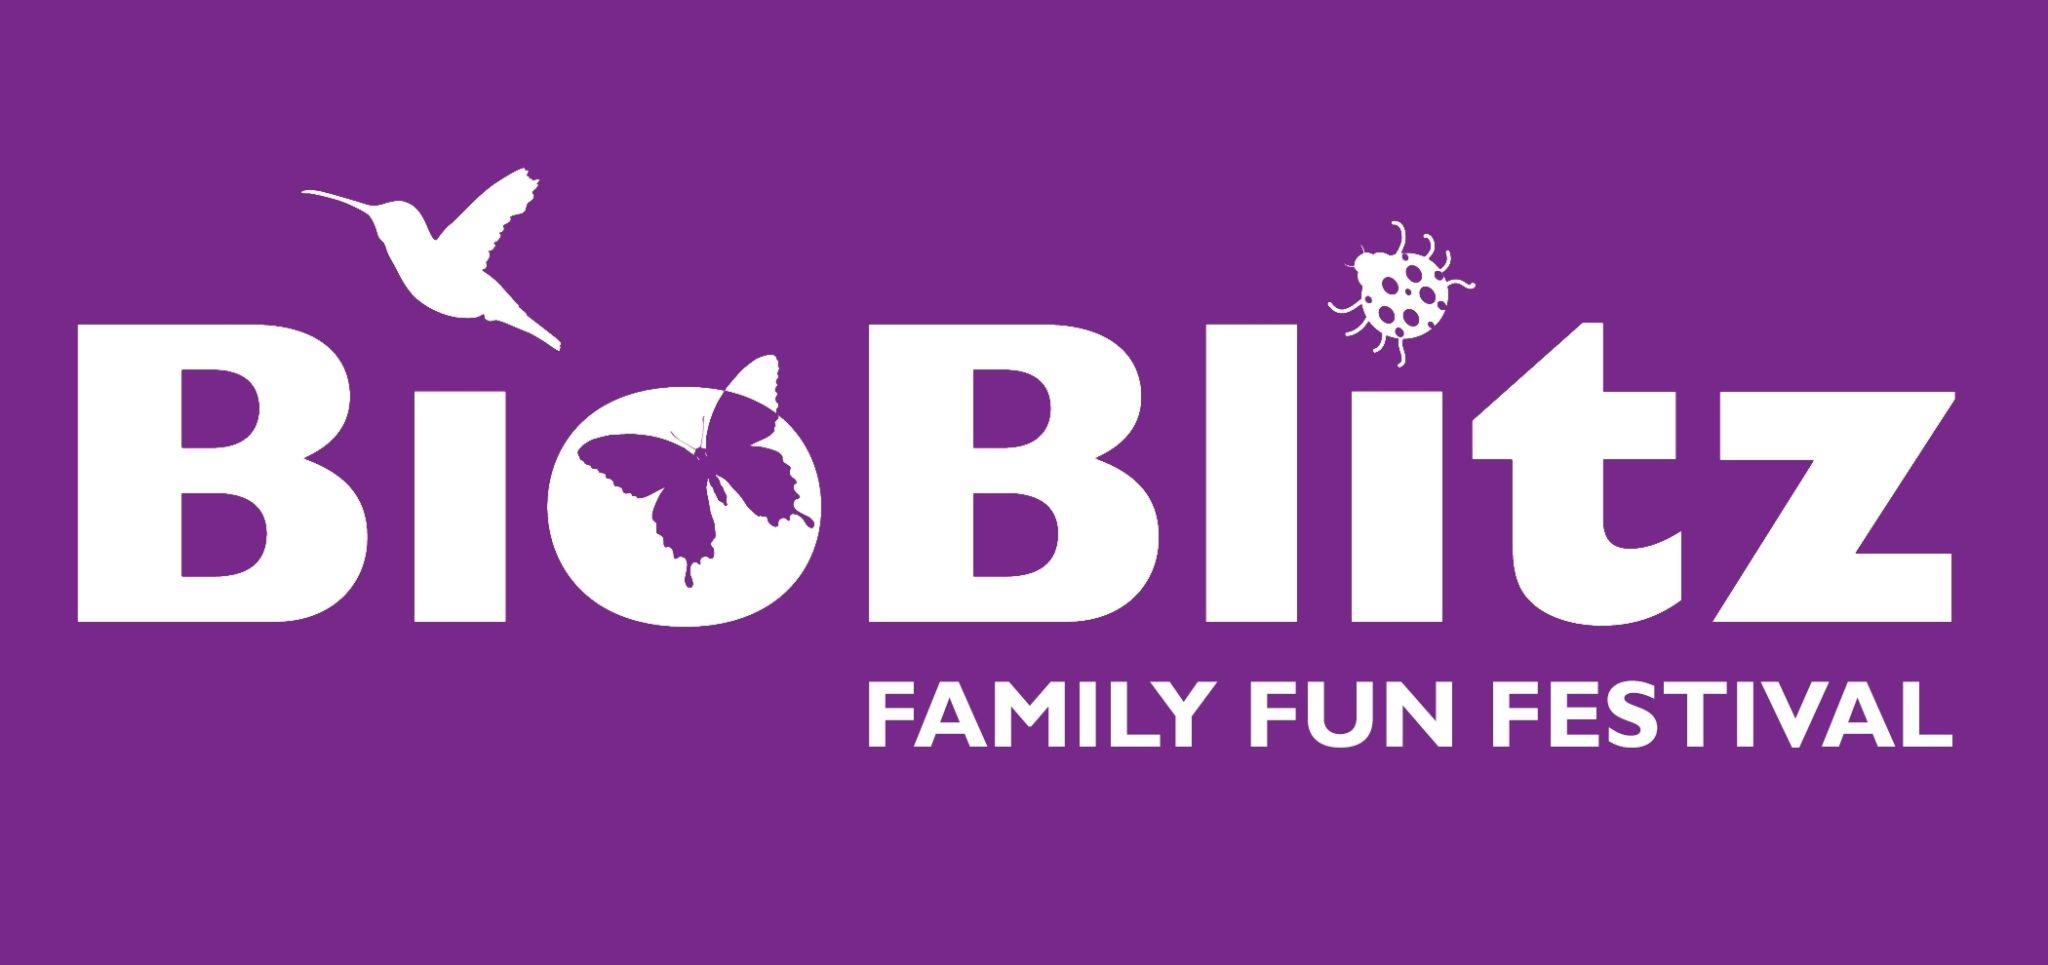 BioBlitz Family Fun Festival header